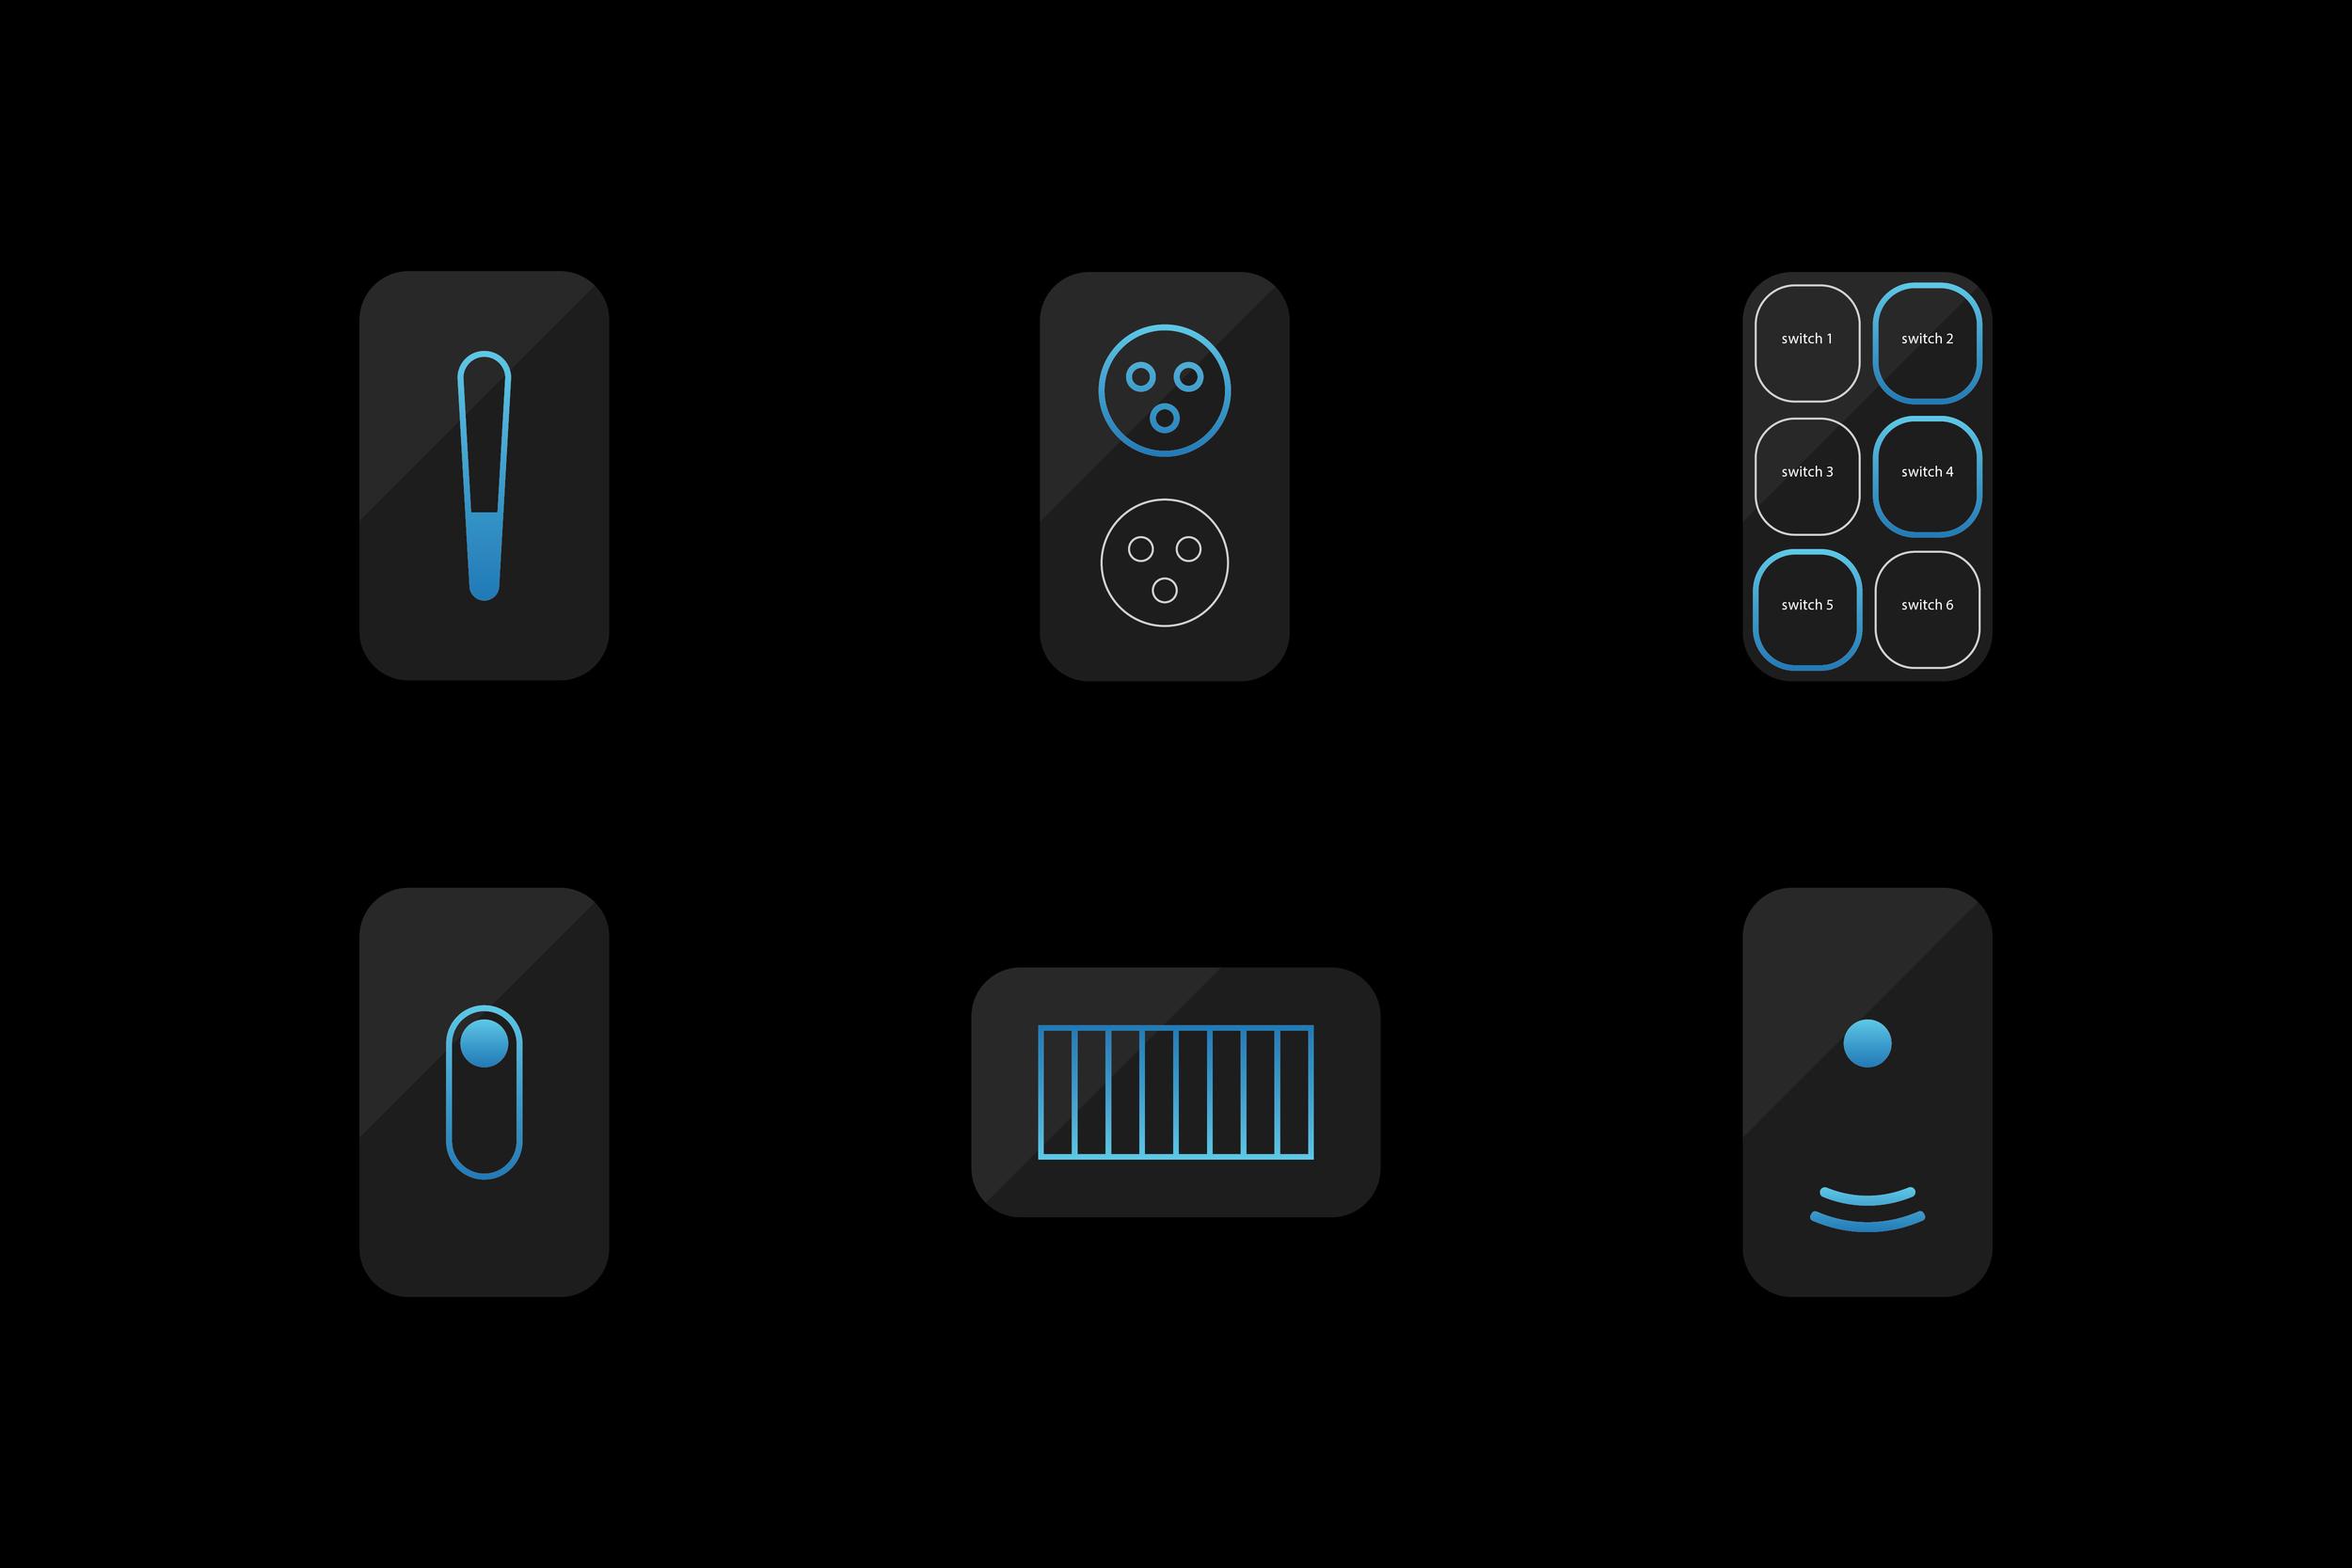 device icons dark